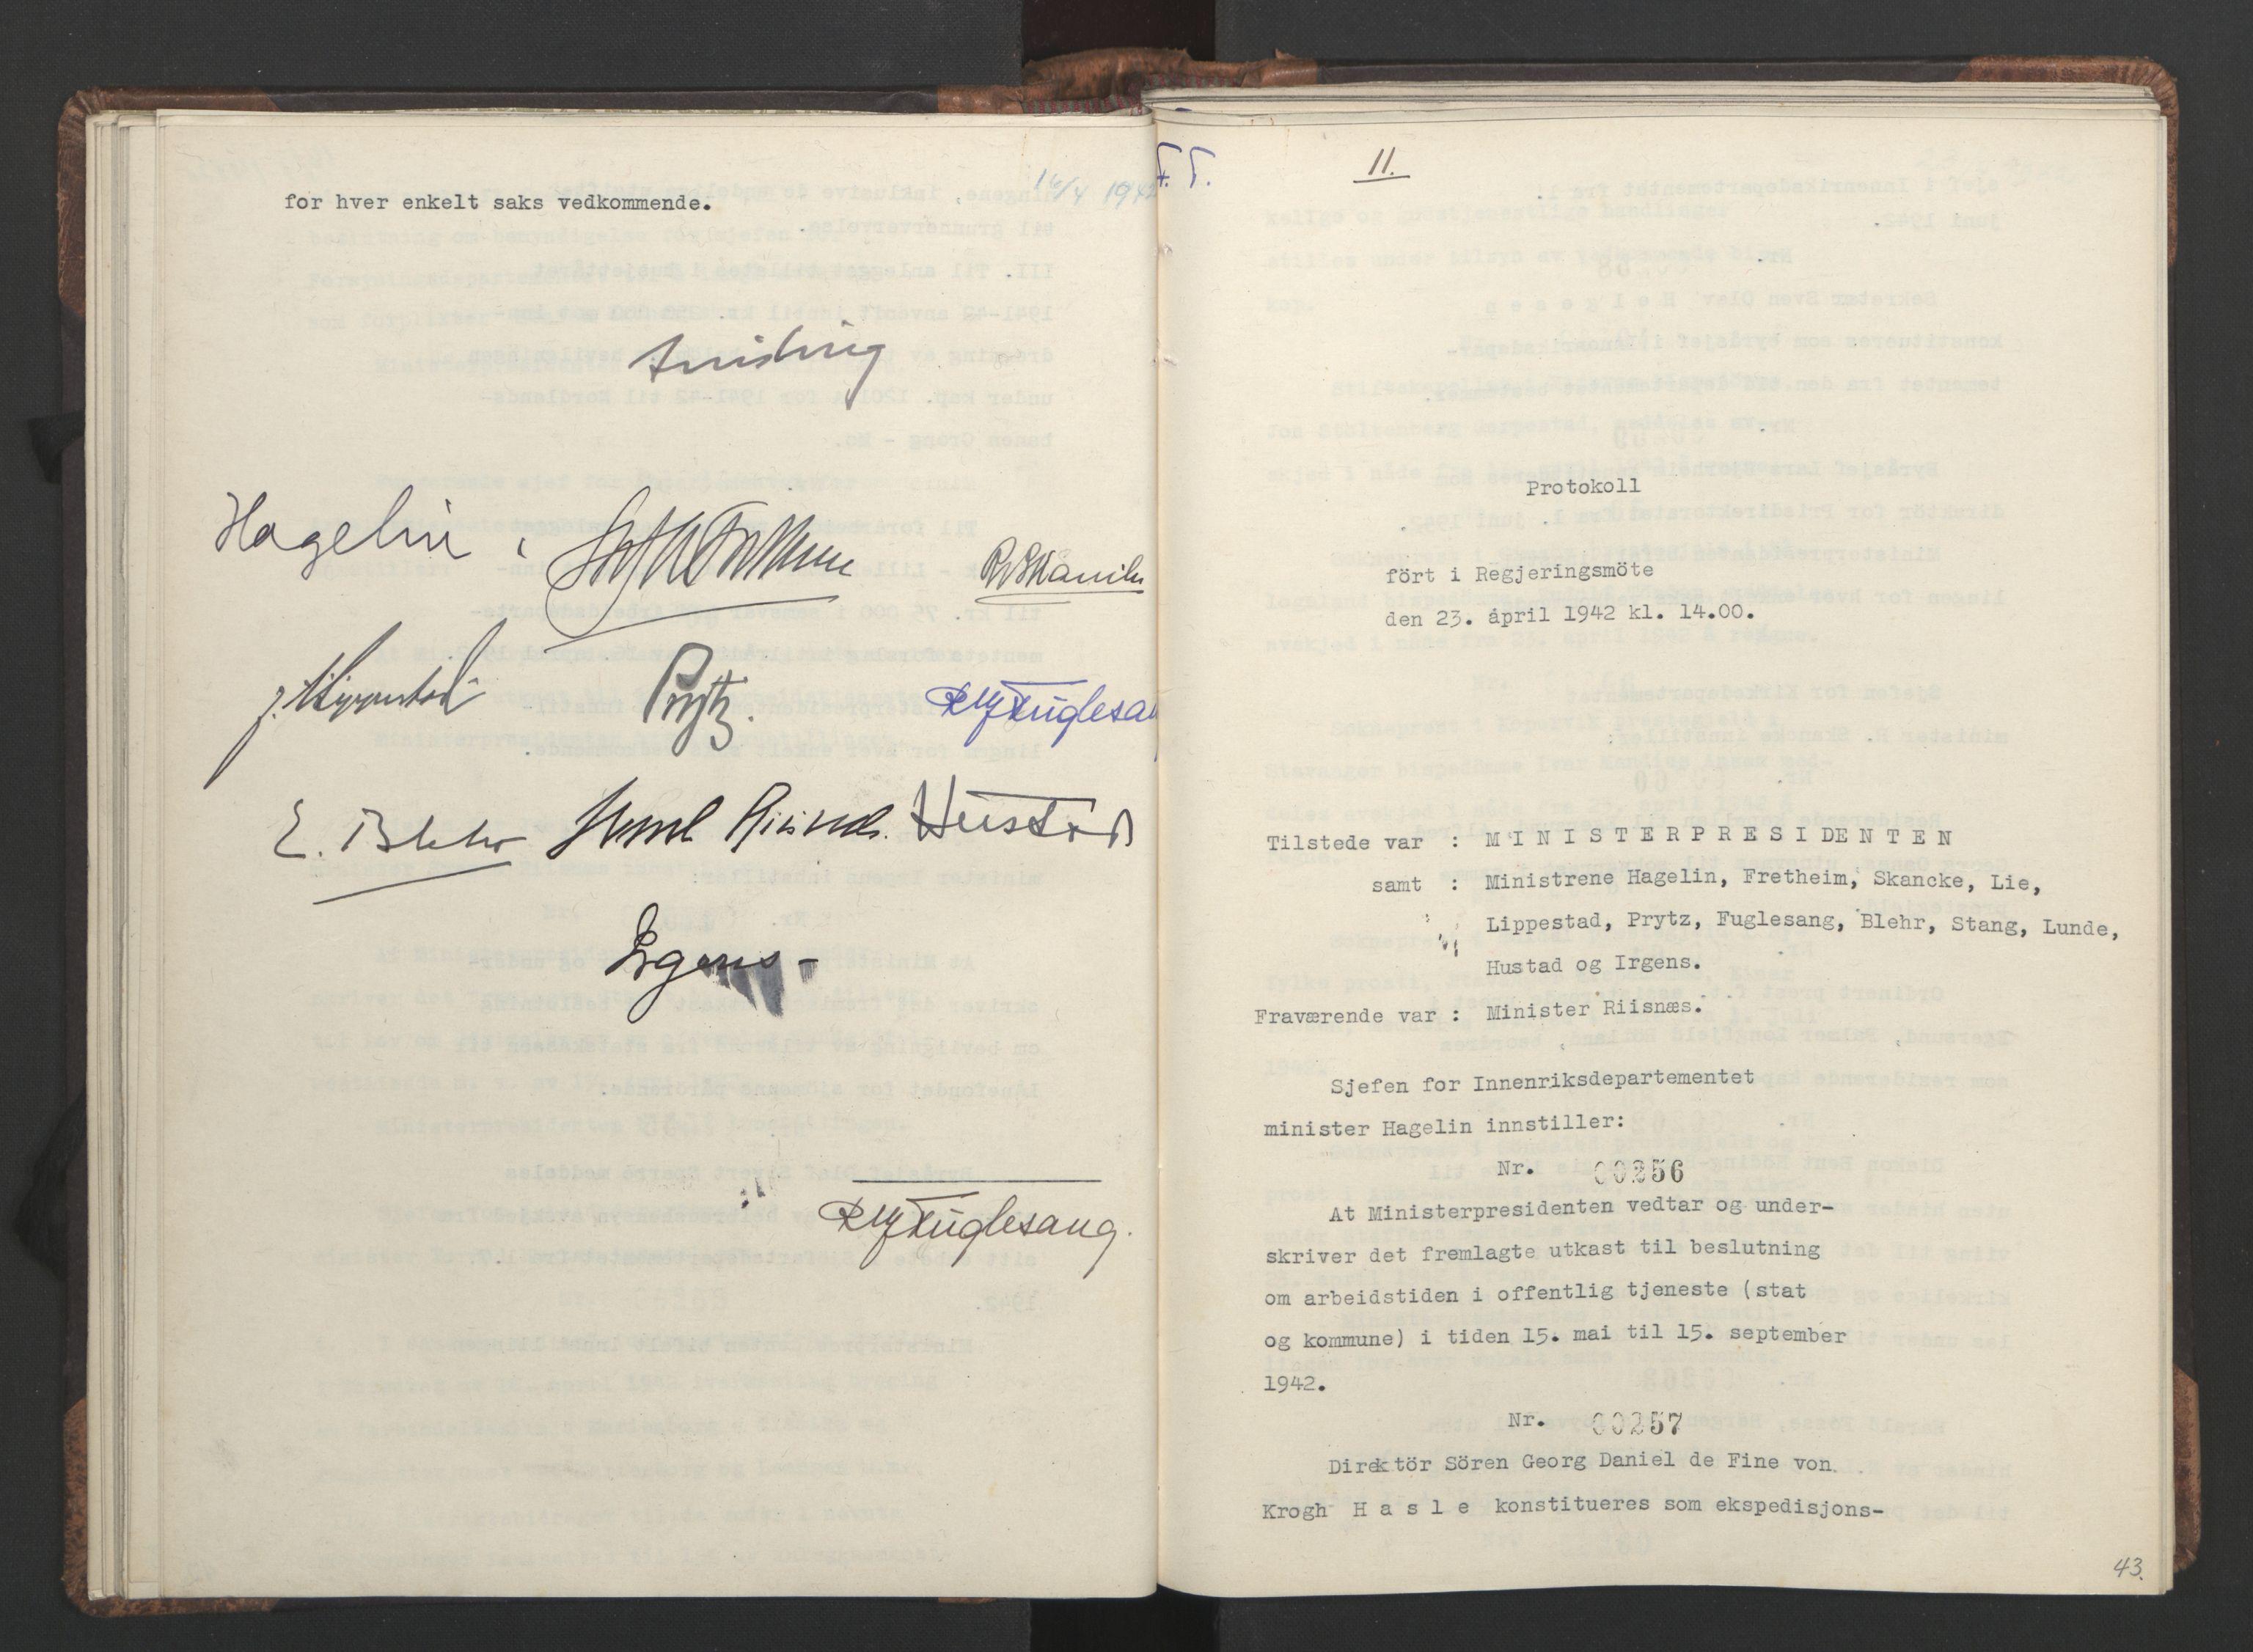 RA, NS-administrasjonen 1940-1945 (Statsrådsekretariatet, de kommisariske statsråder mm), D/Da/L0001: Beslutninger og tillegg (1-952 og 1-32), 1942, s. 42b-43a